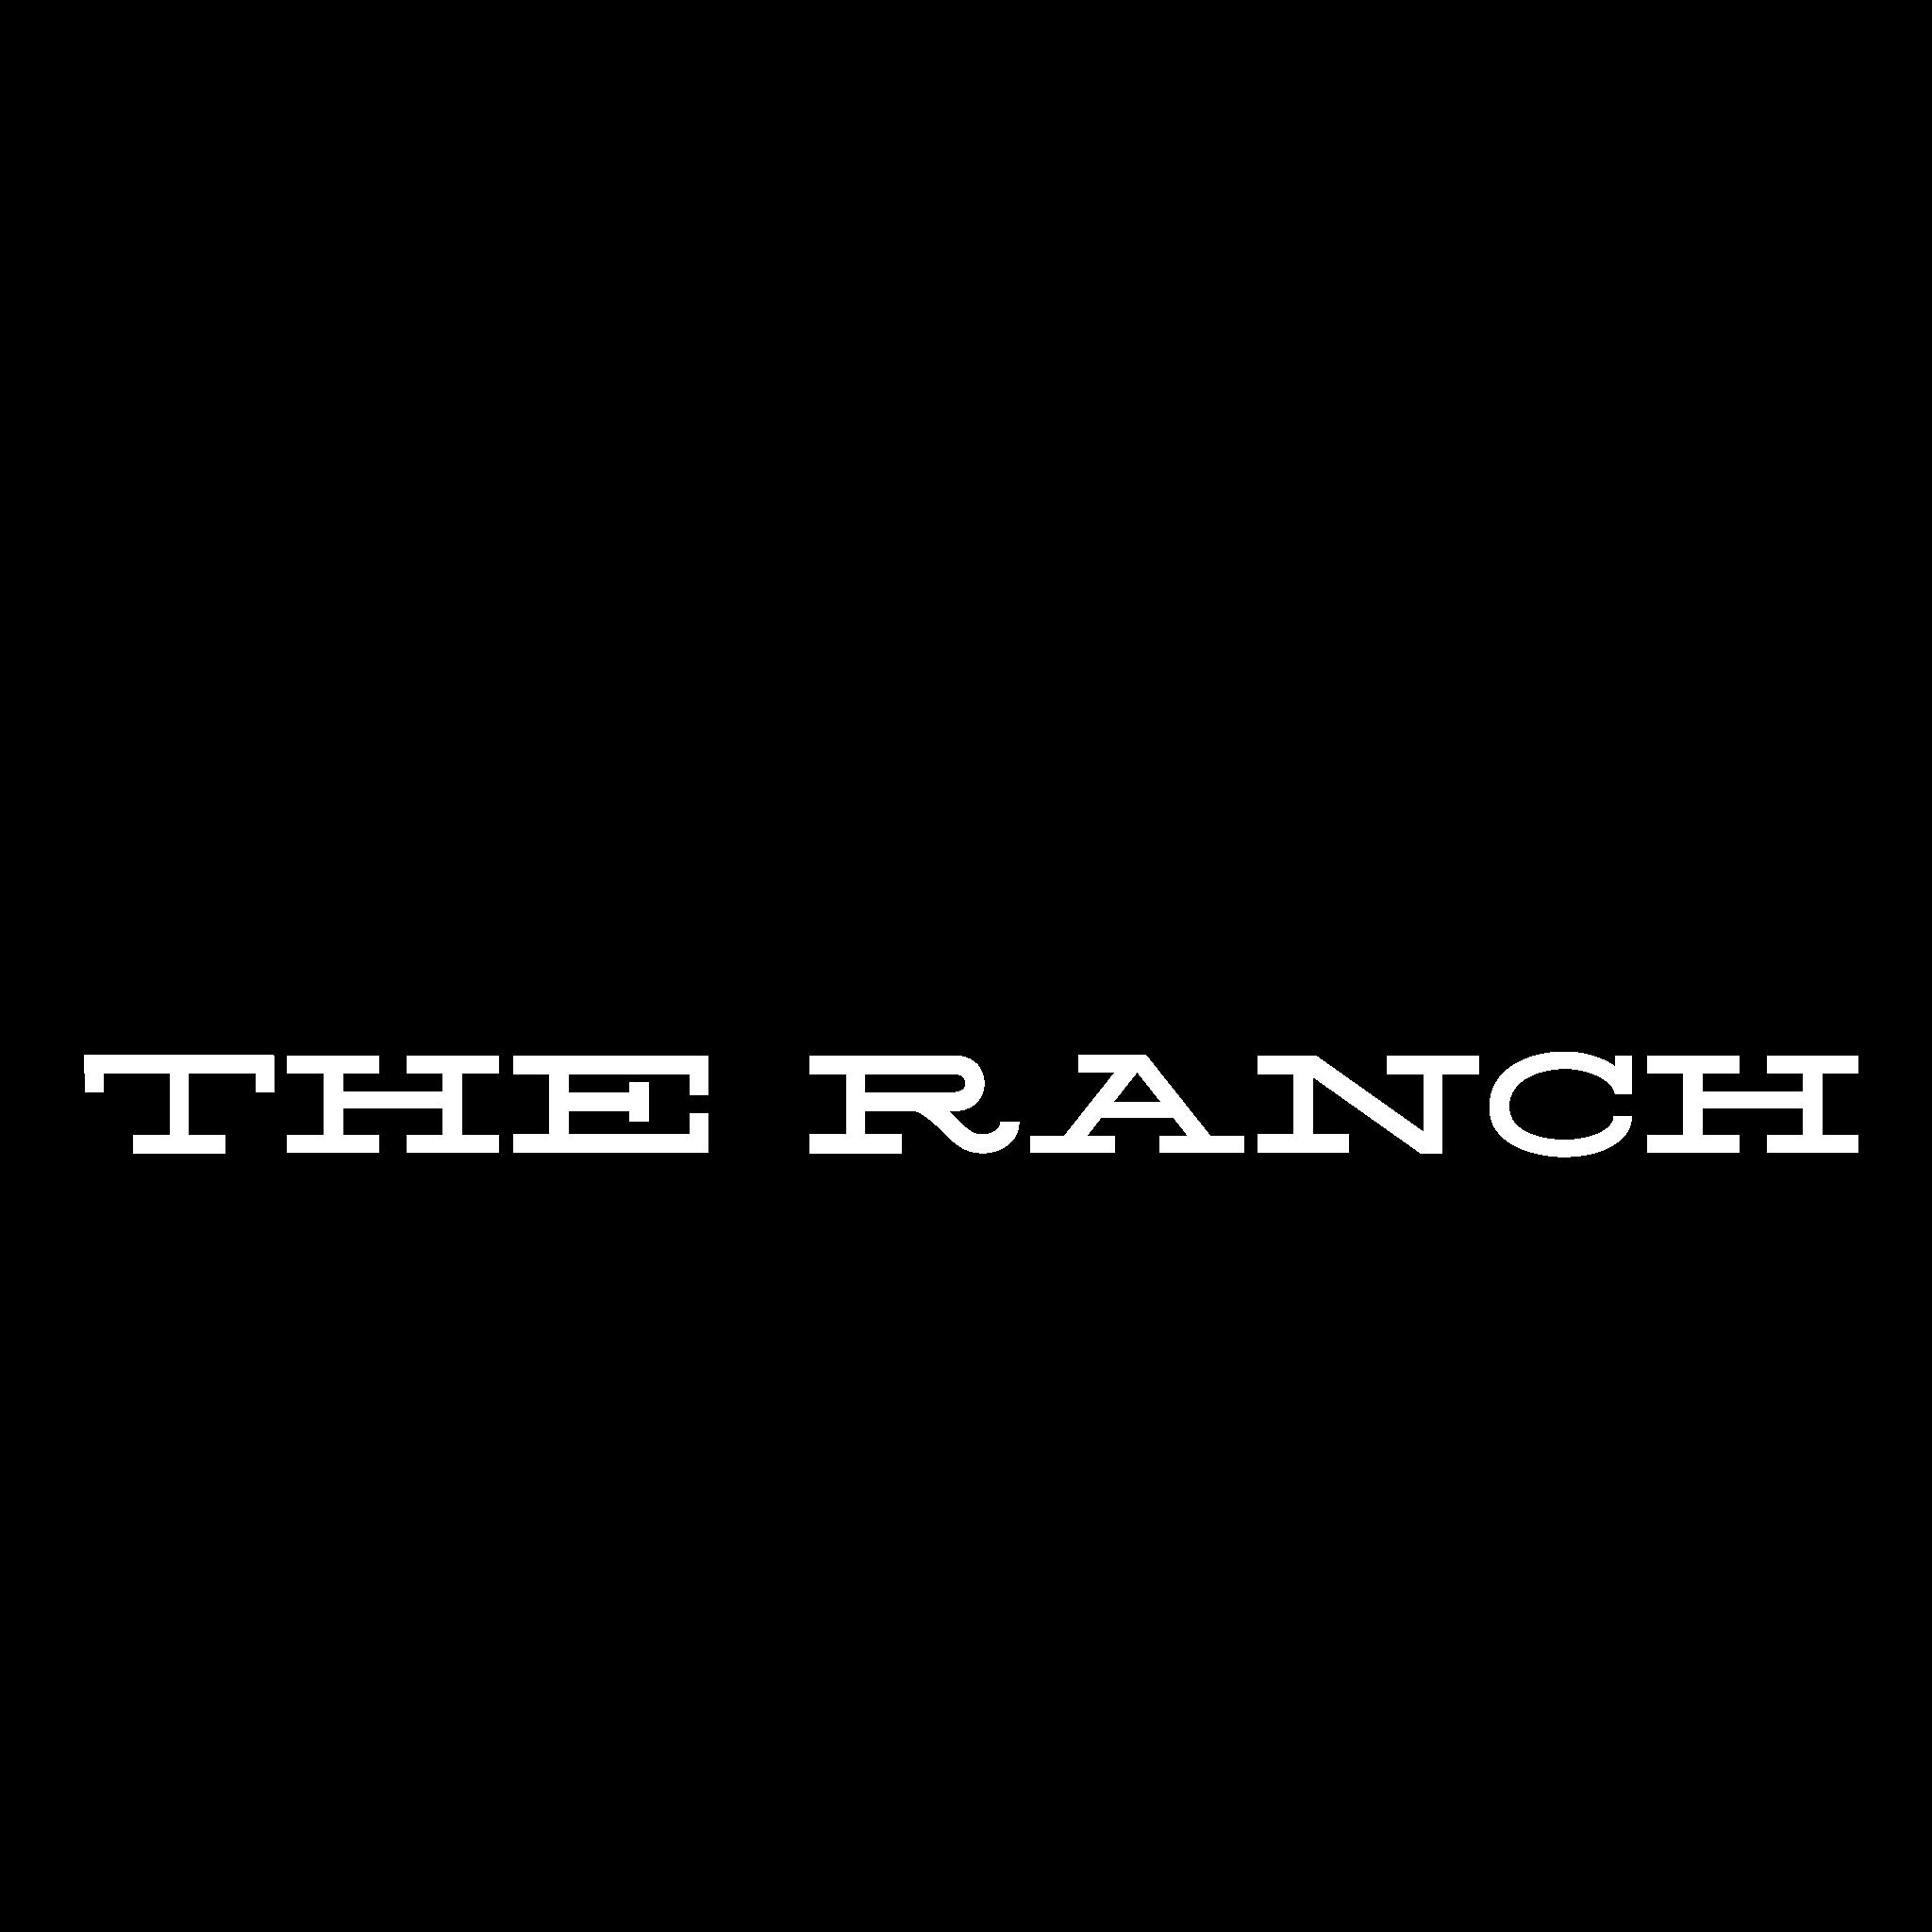 ranchheader